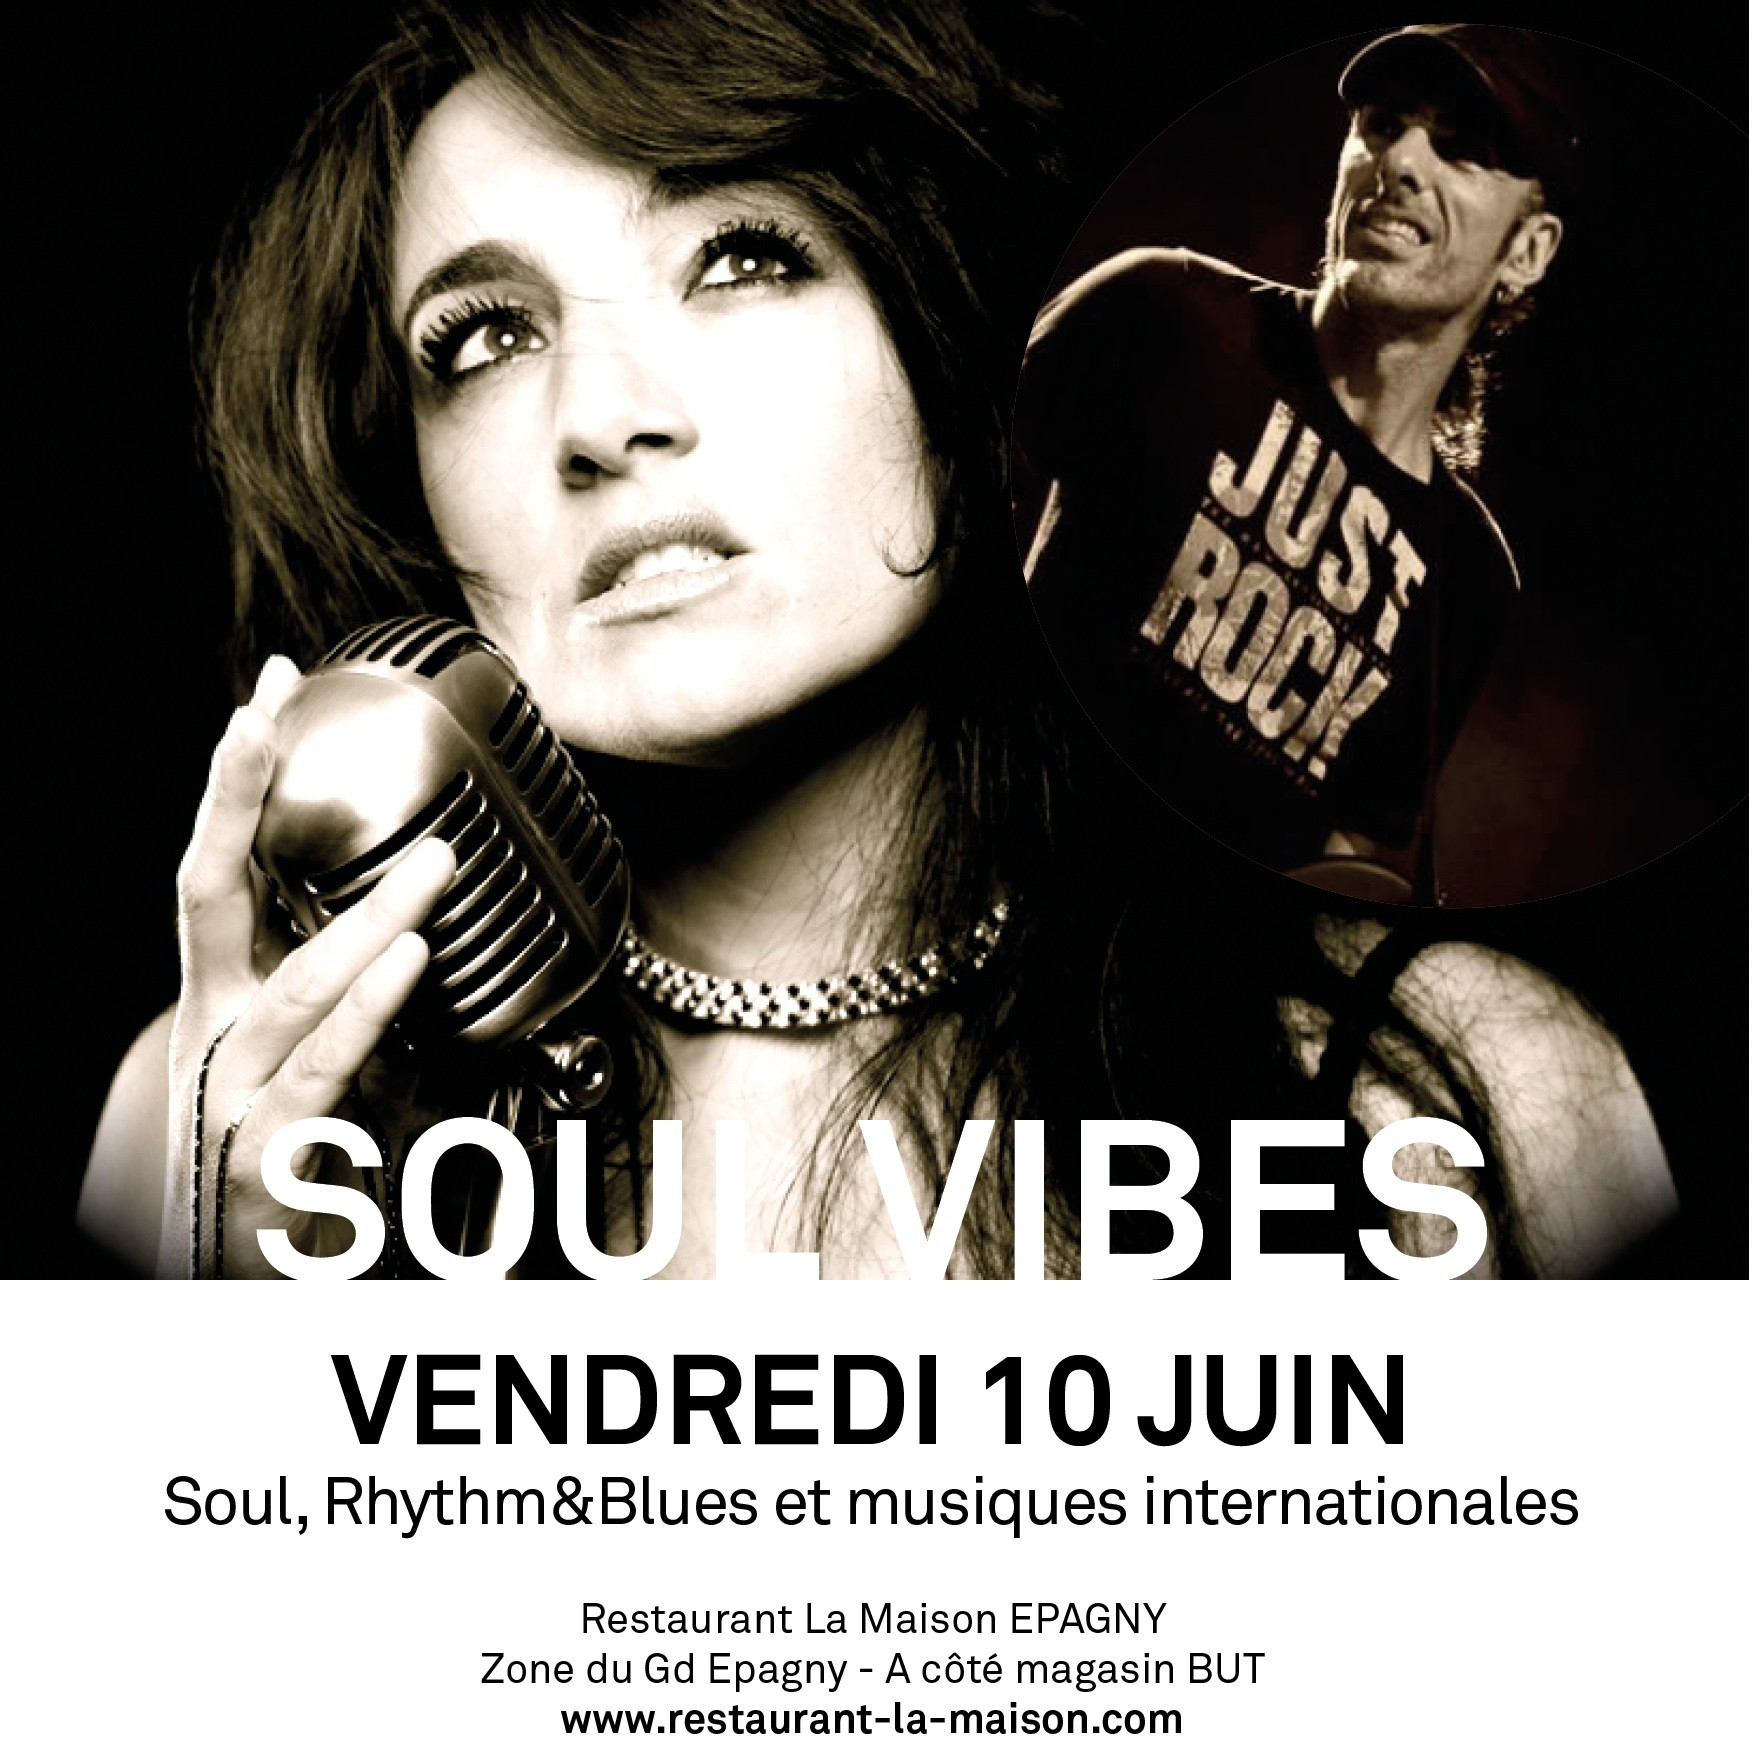 Concert de Soul Vibes